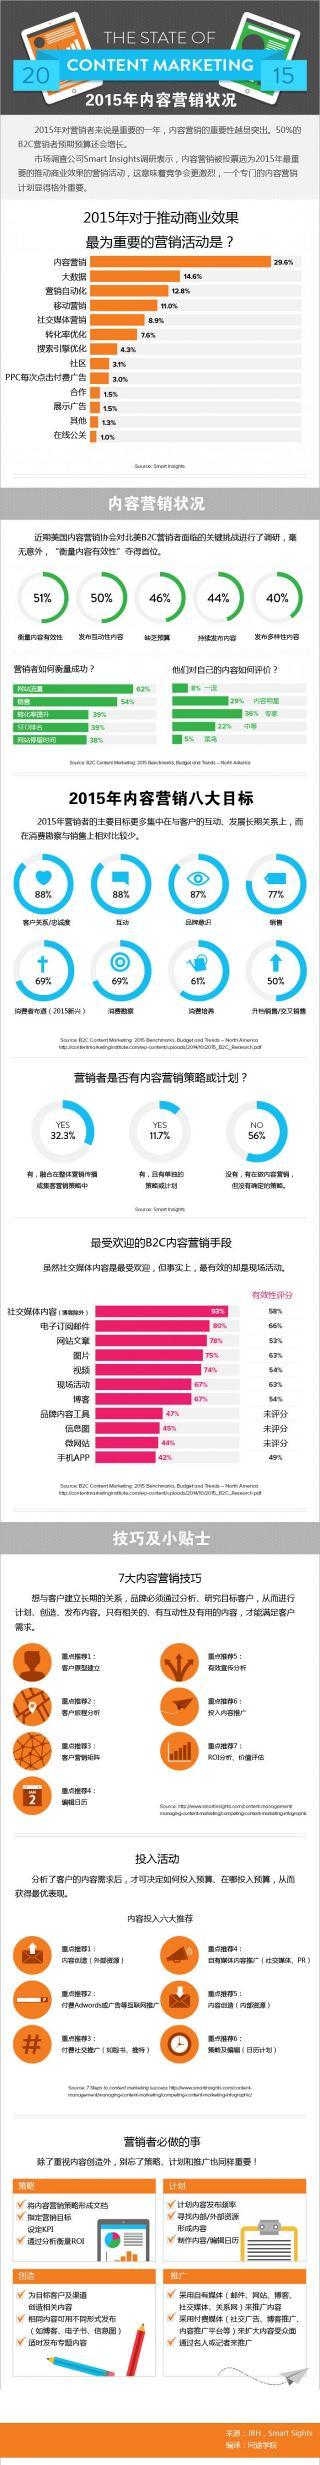 【信息图】2015年内容营销状况.jpg